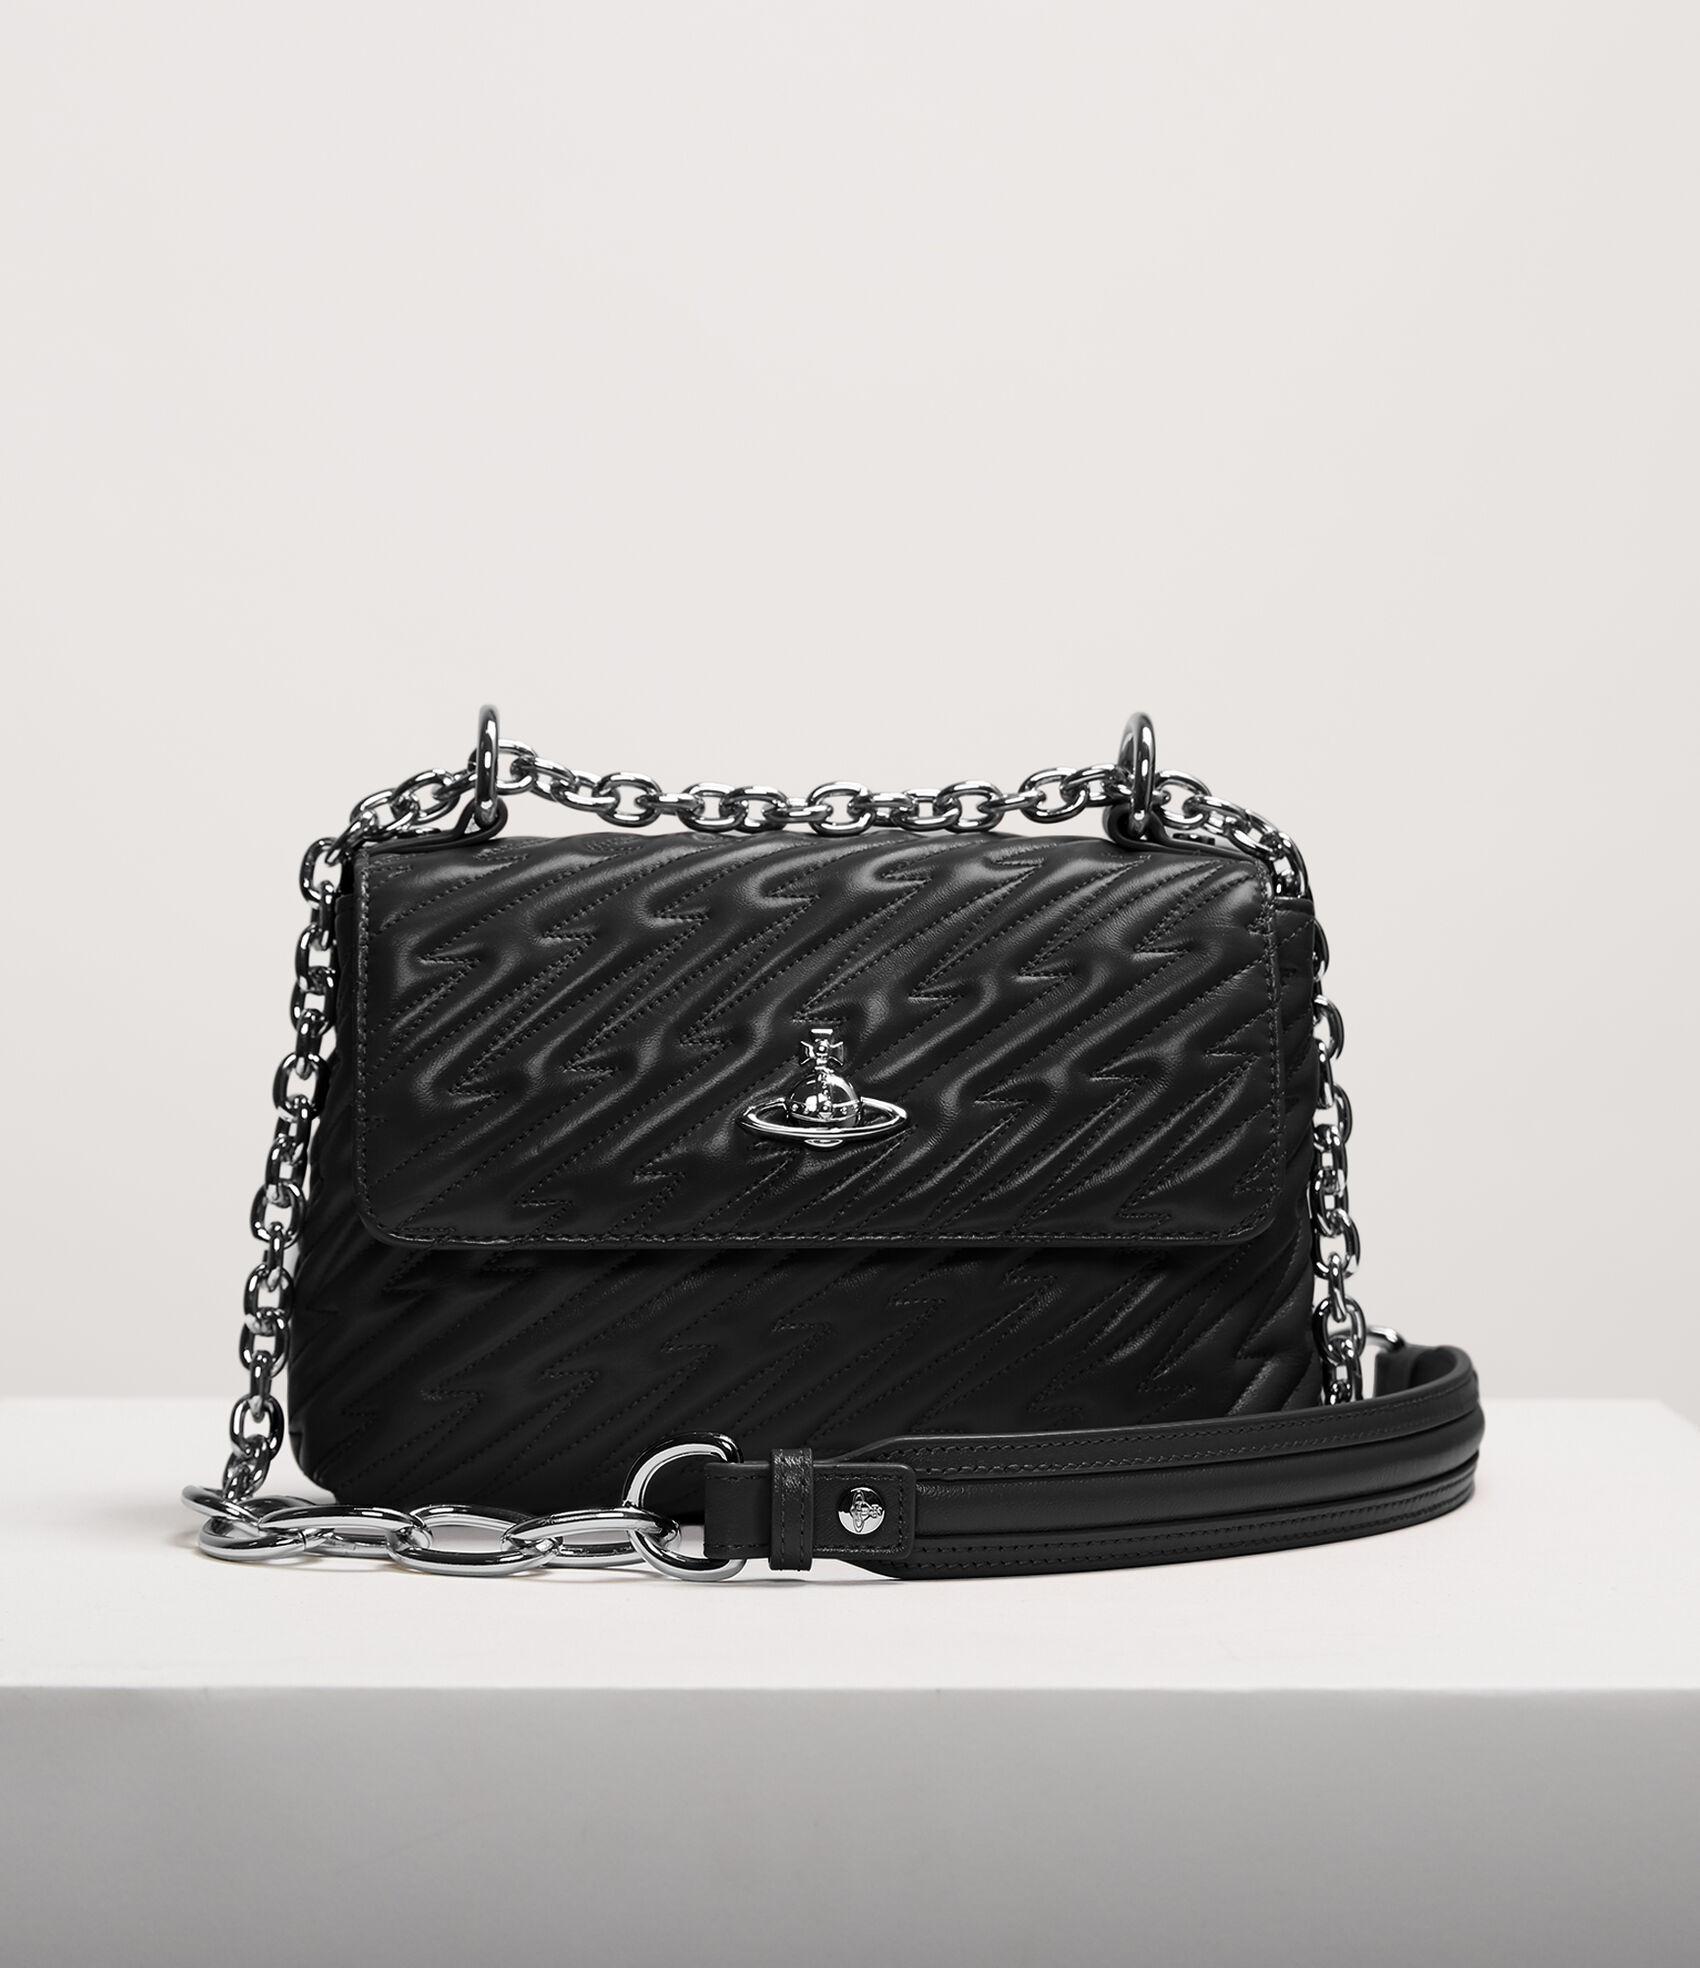 5437666586 Vivienne Westwood Handbags | Women's Bags | Vivienne Westwood - Coventry  Medium Handbag Black